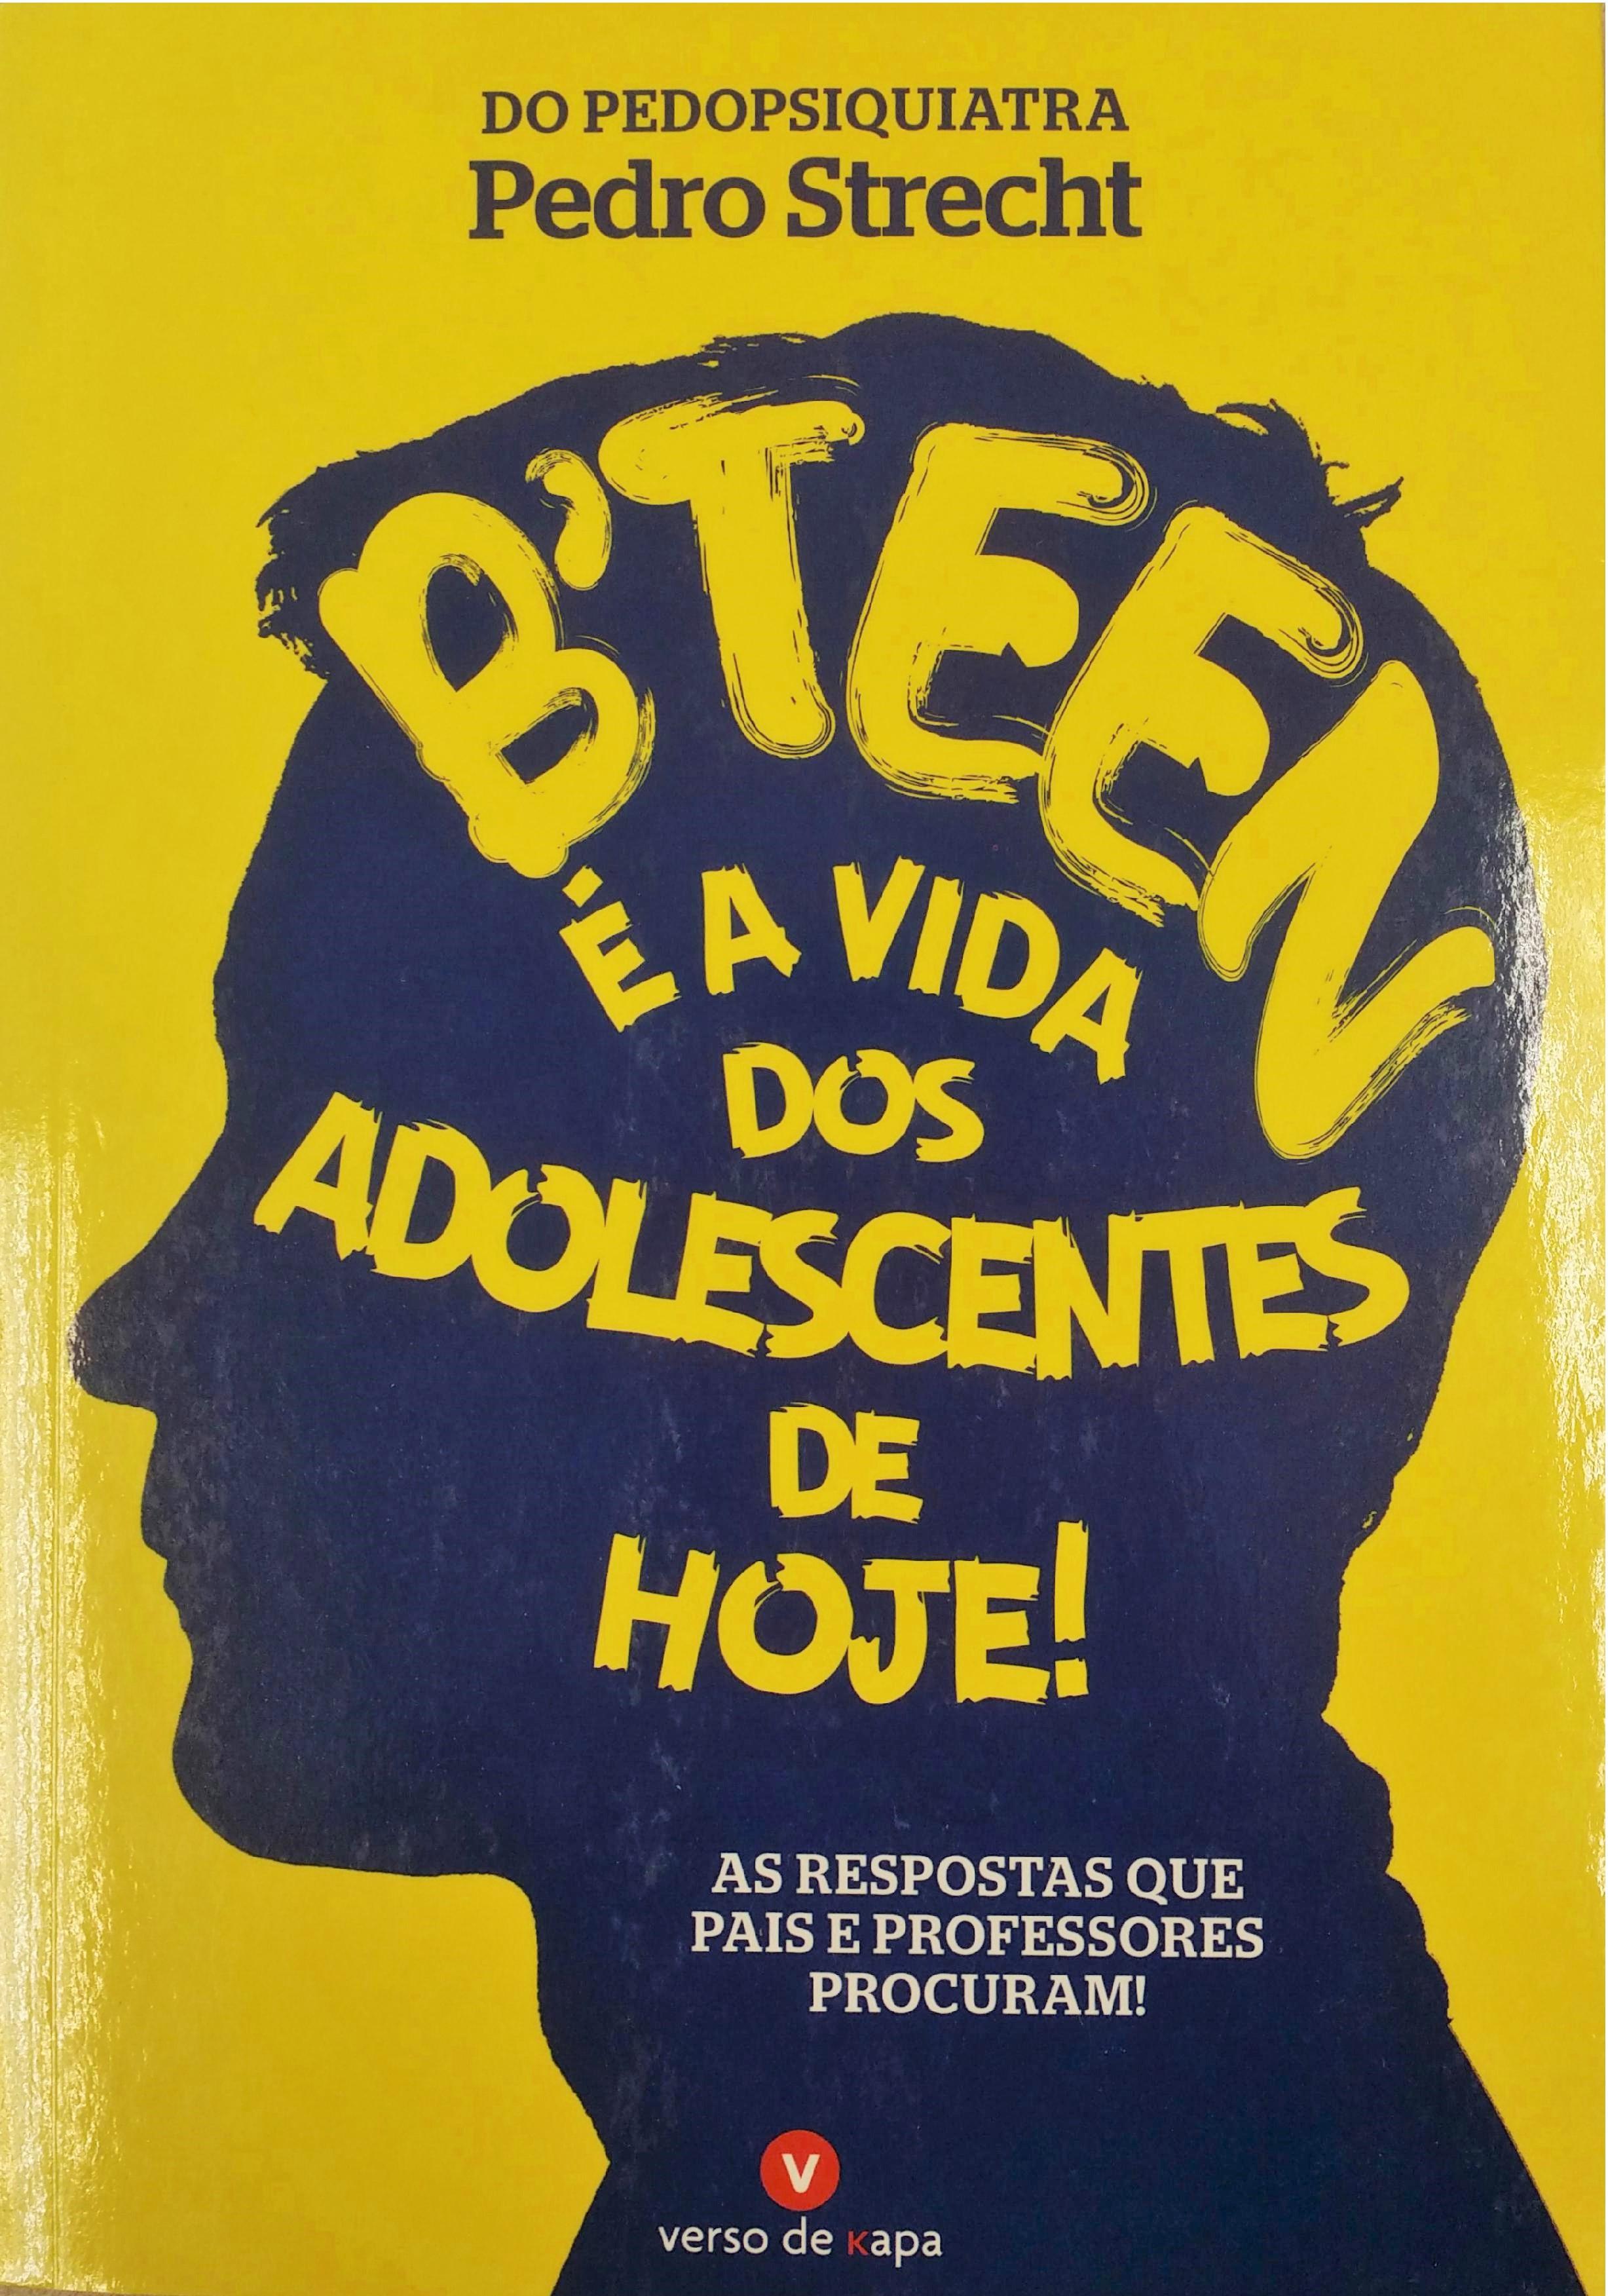 B'teen: e a vida dos adolescentes de hoje